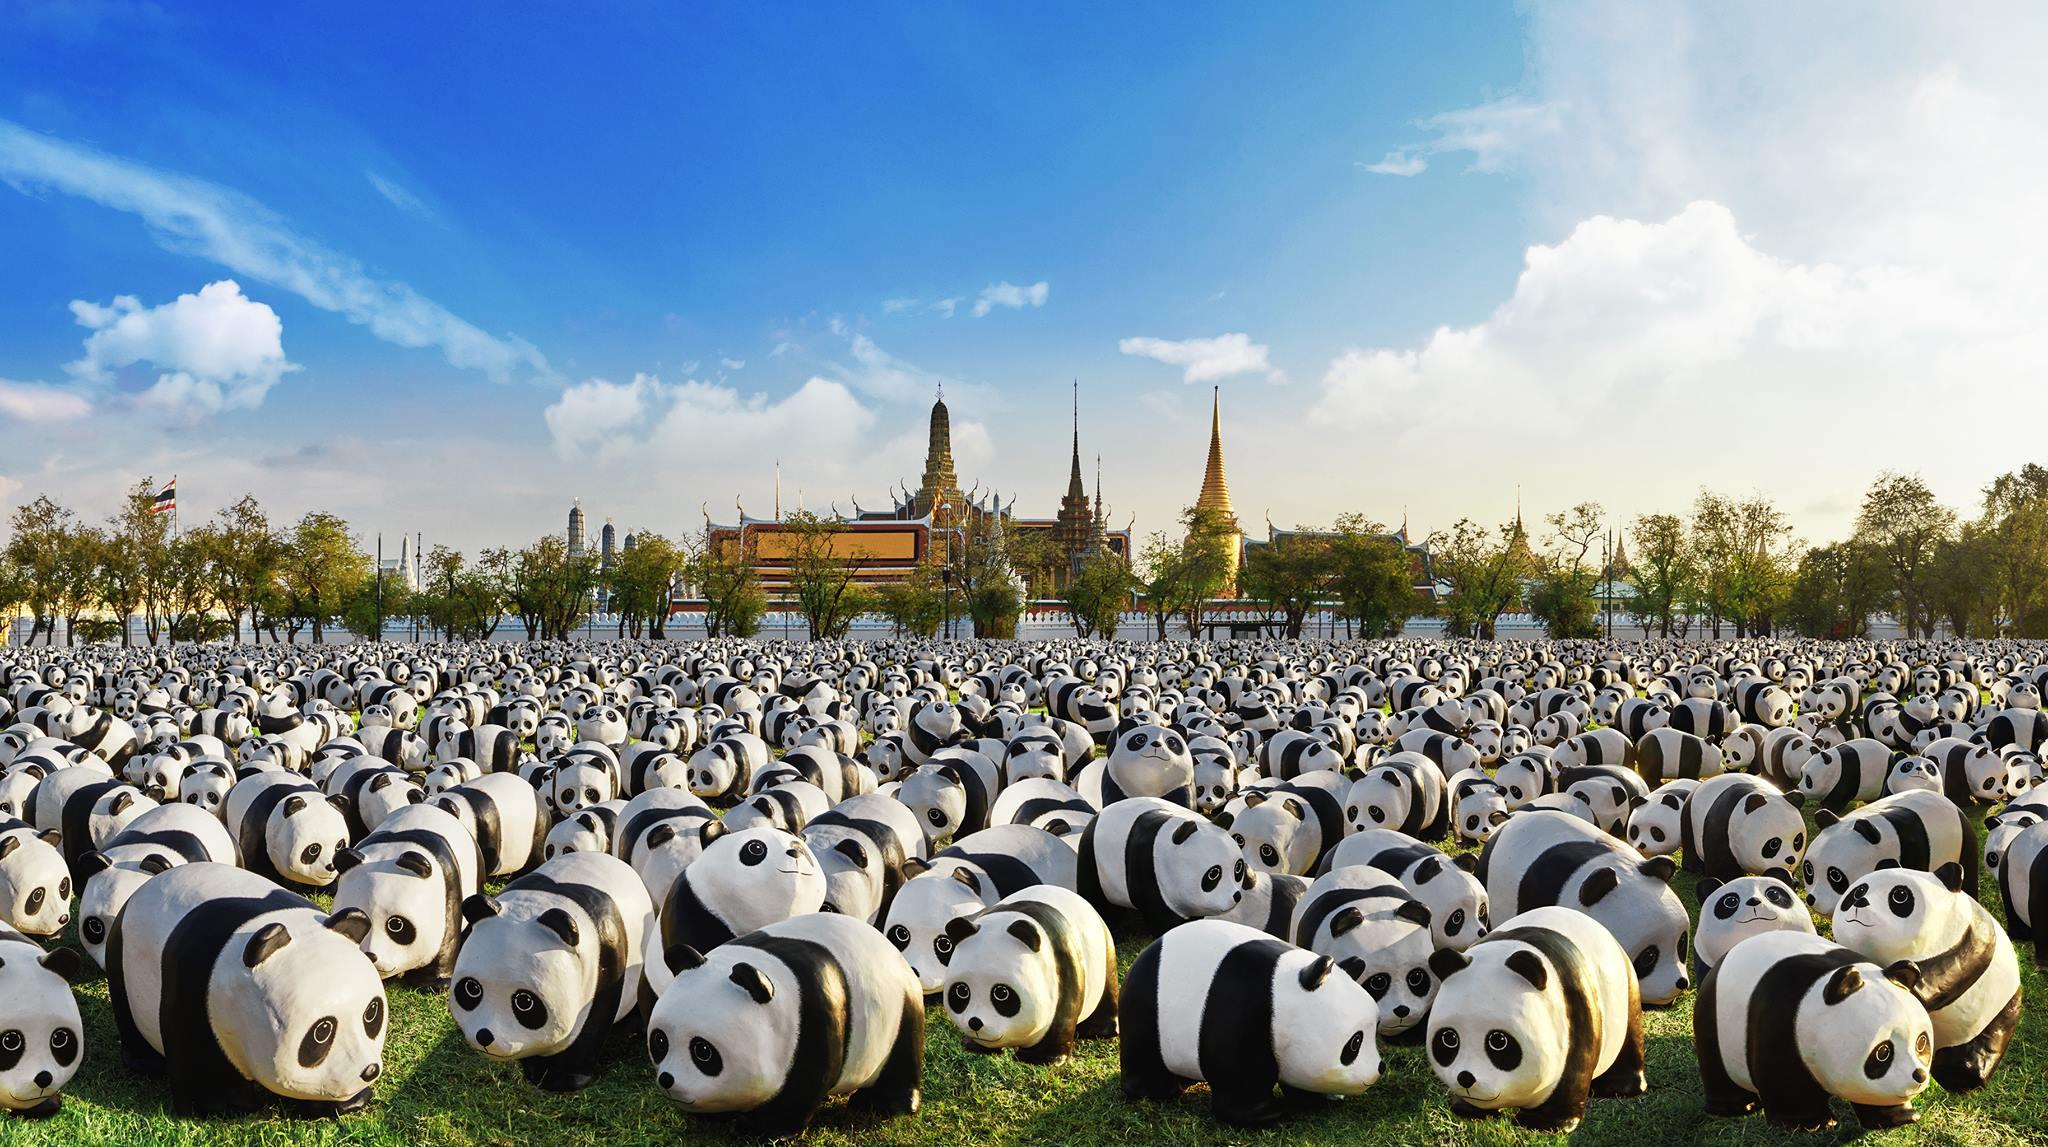 pandas1600-thailand